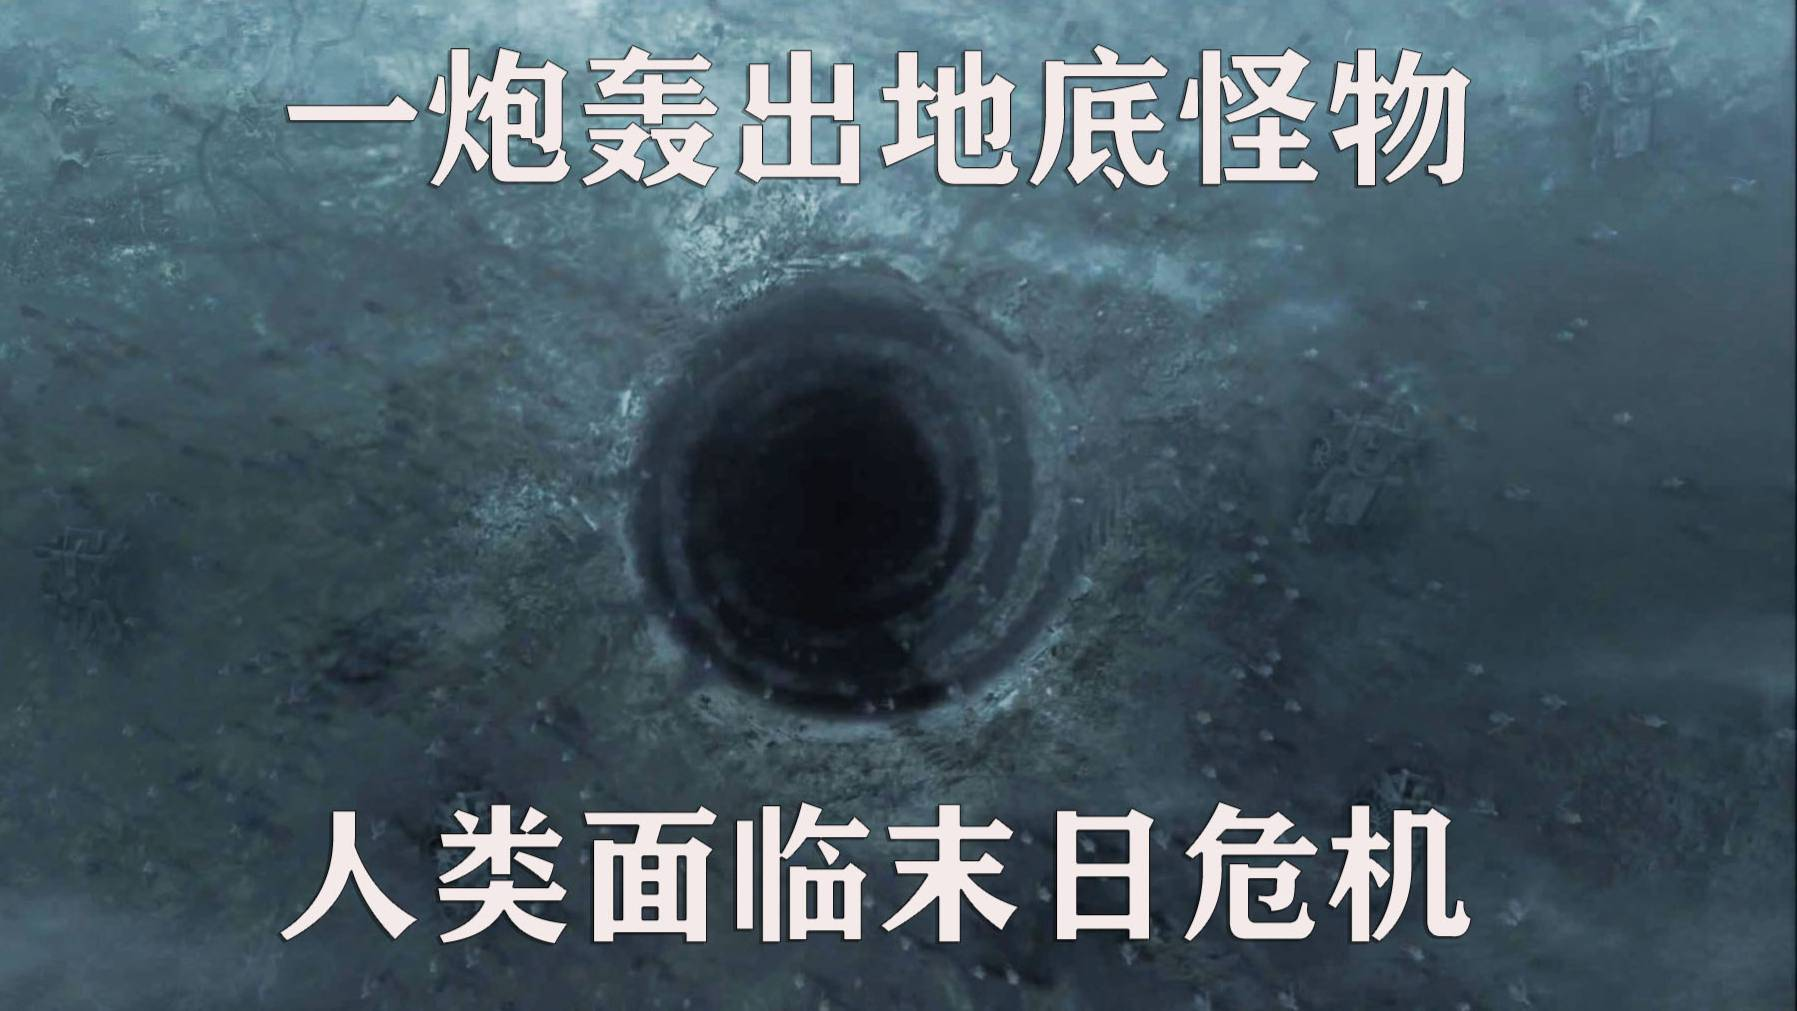 未来世界两国交战,意外释放出大量怪物,人类被迫逃往火星